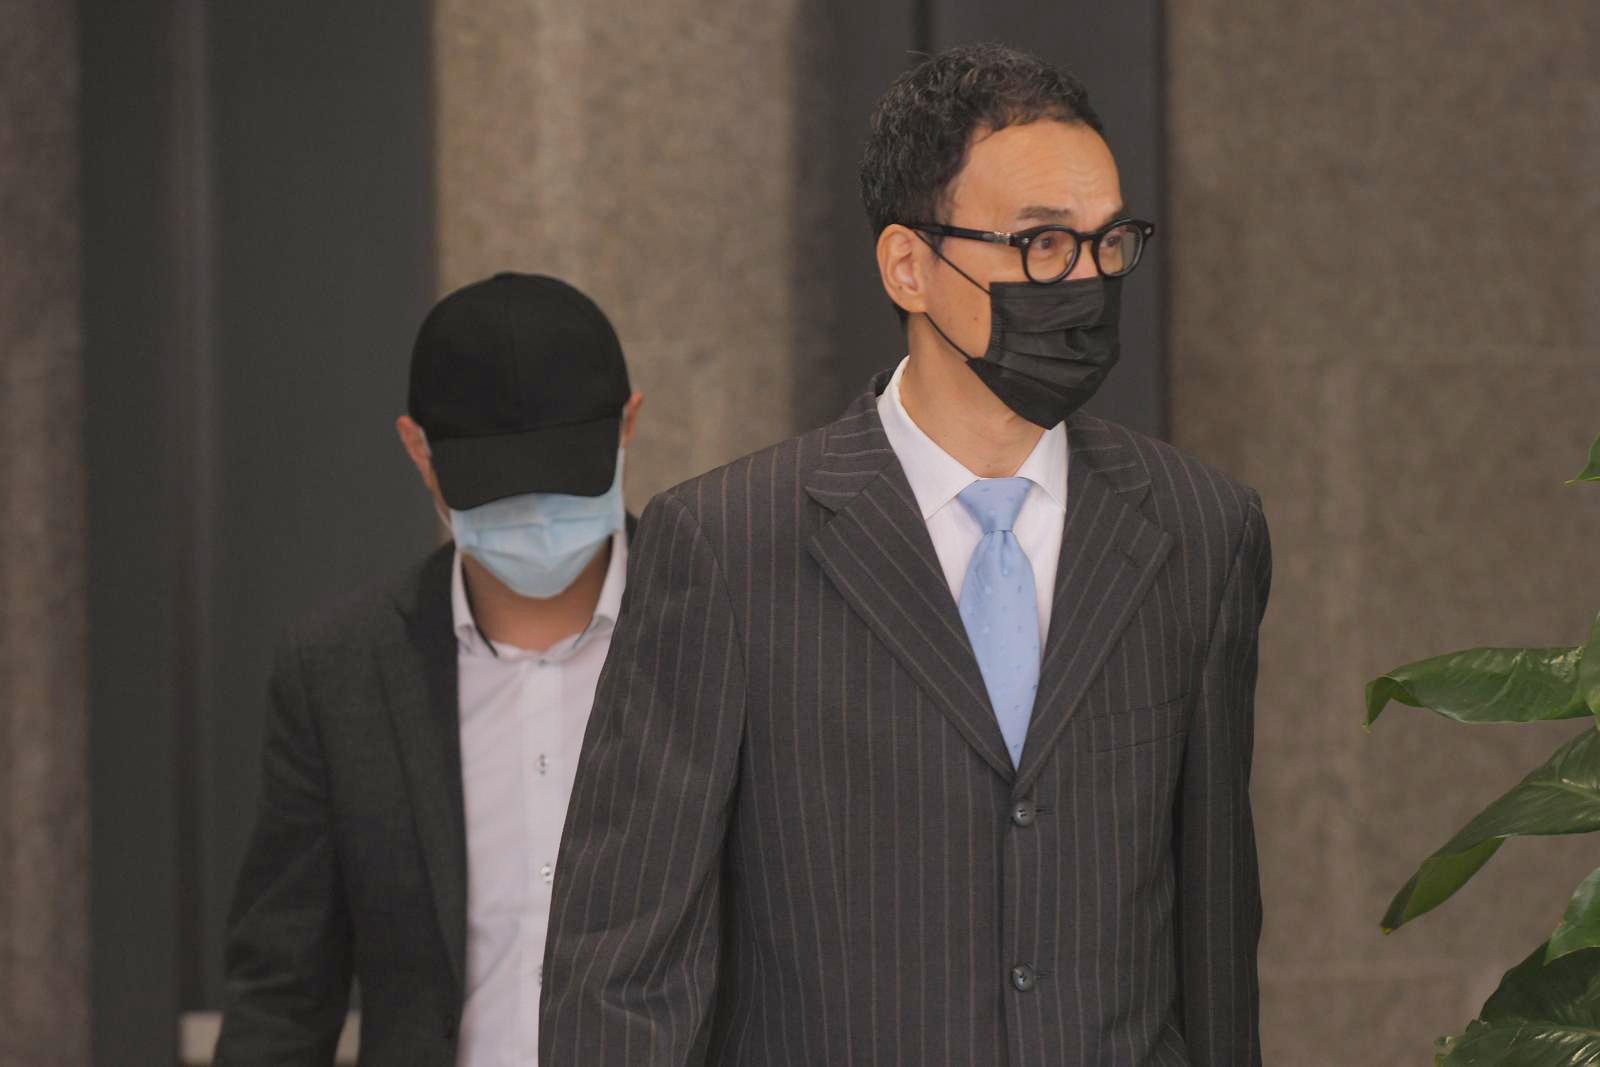 【涉串谋诈骗案】公司经理捲案涉洗黑钱 黄桂荣等3人准保释转区院再讯